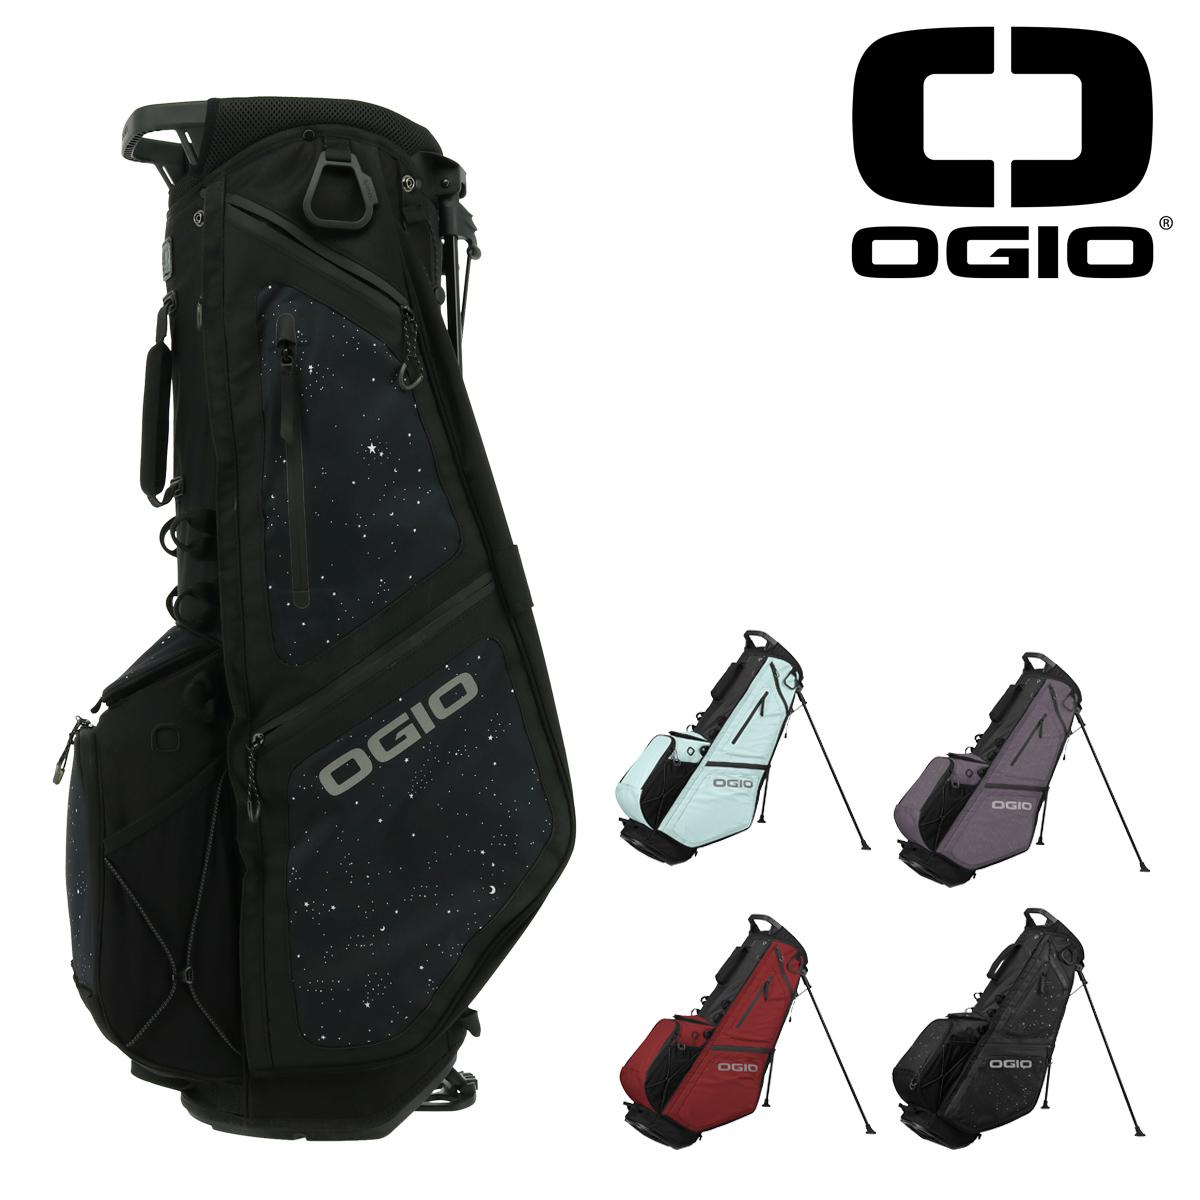 オジオ キャディバッグ ゴルフバッグ XIX 5120099OG OGIO ゴルフ スタンド [即日発送][PO10]